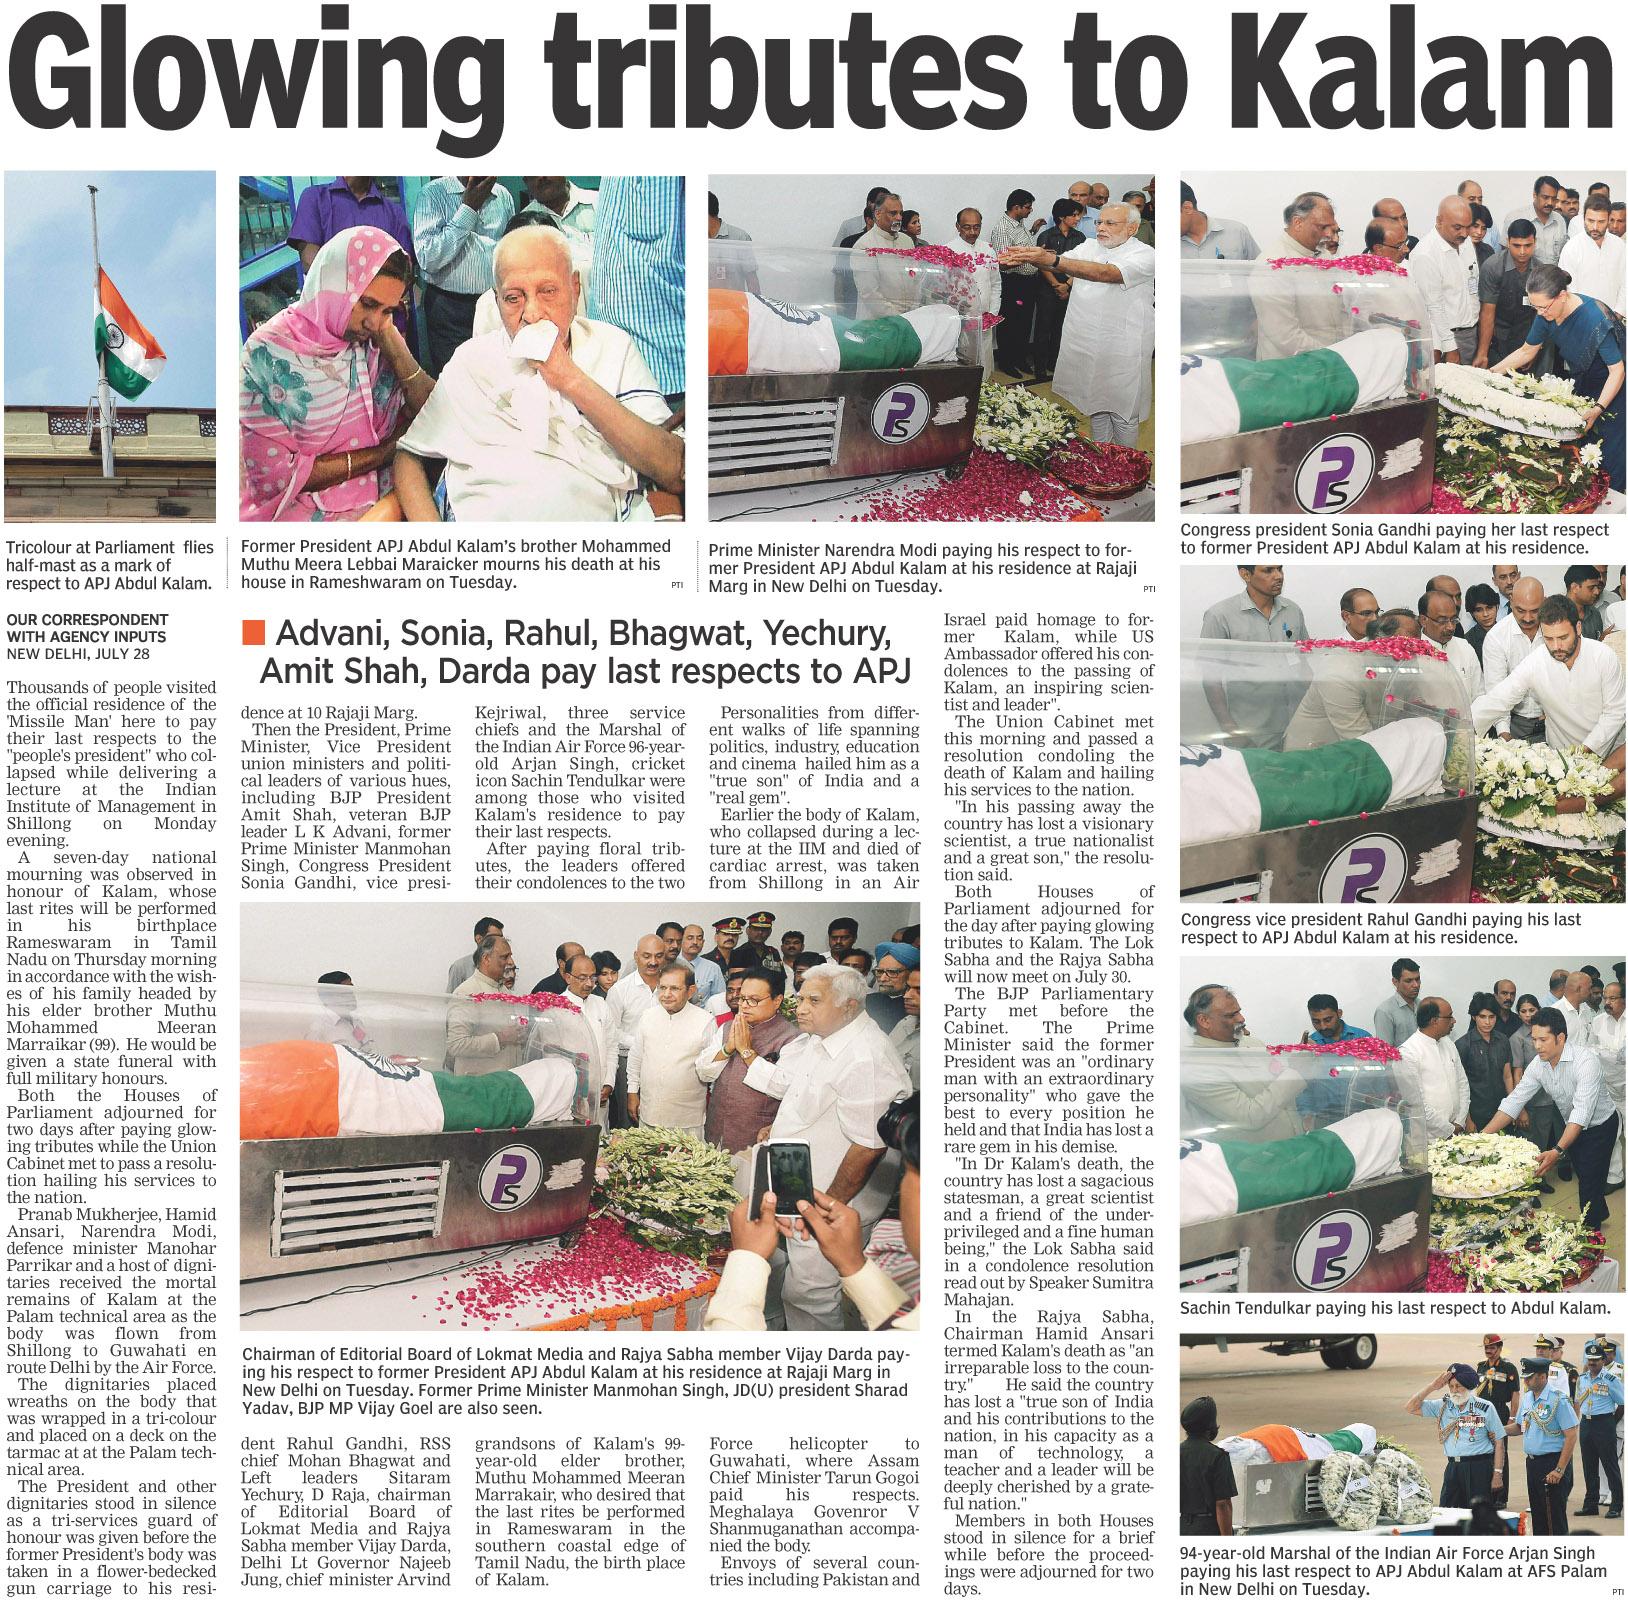 Glowing tributes to Kalam